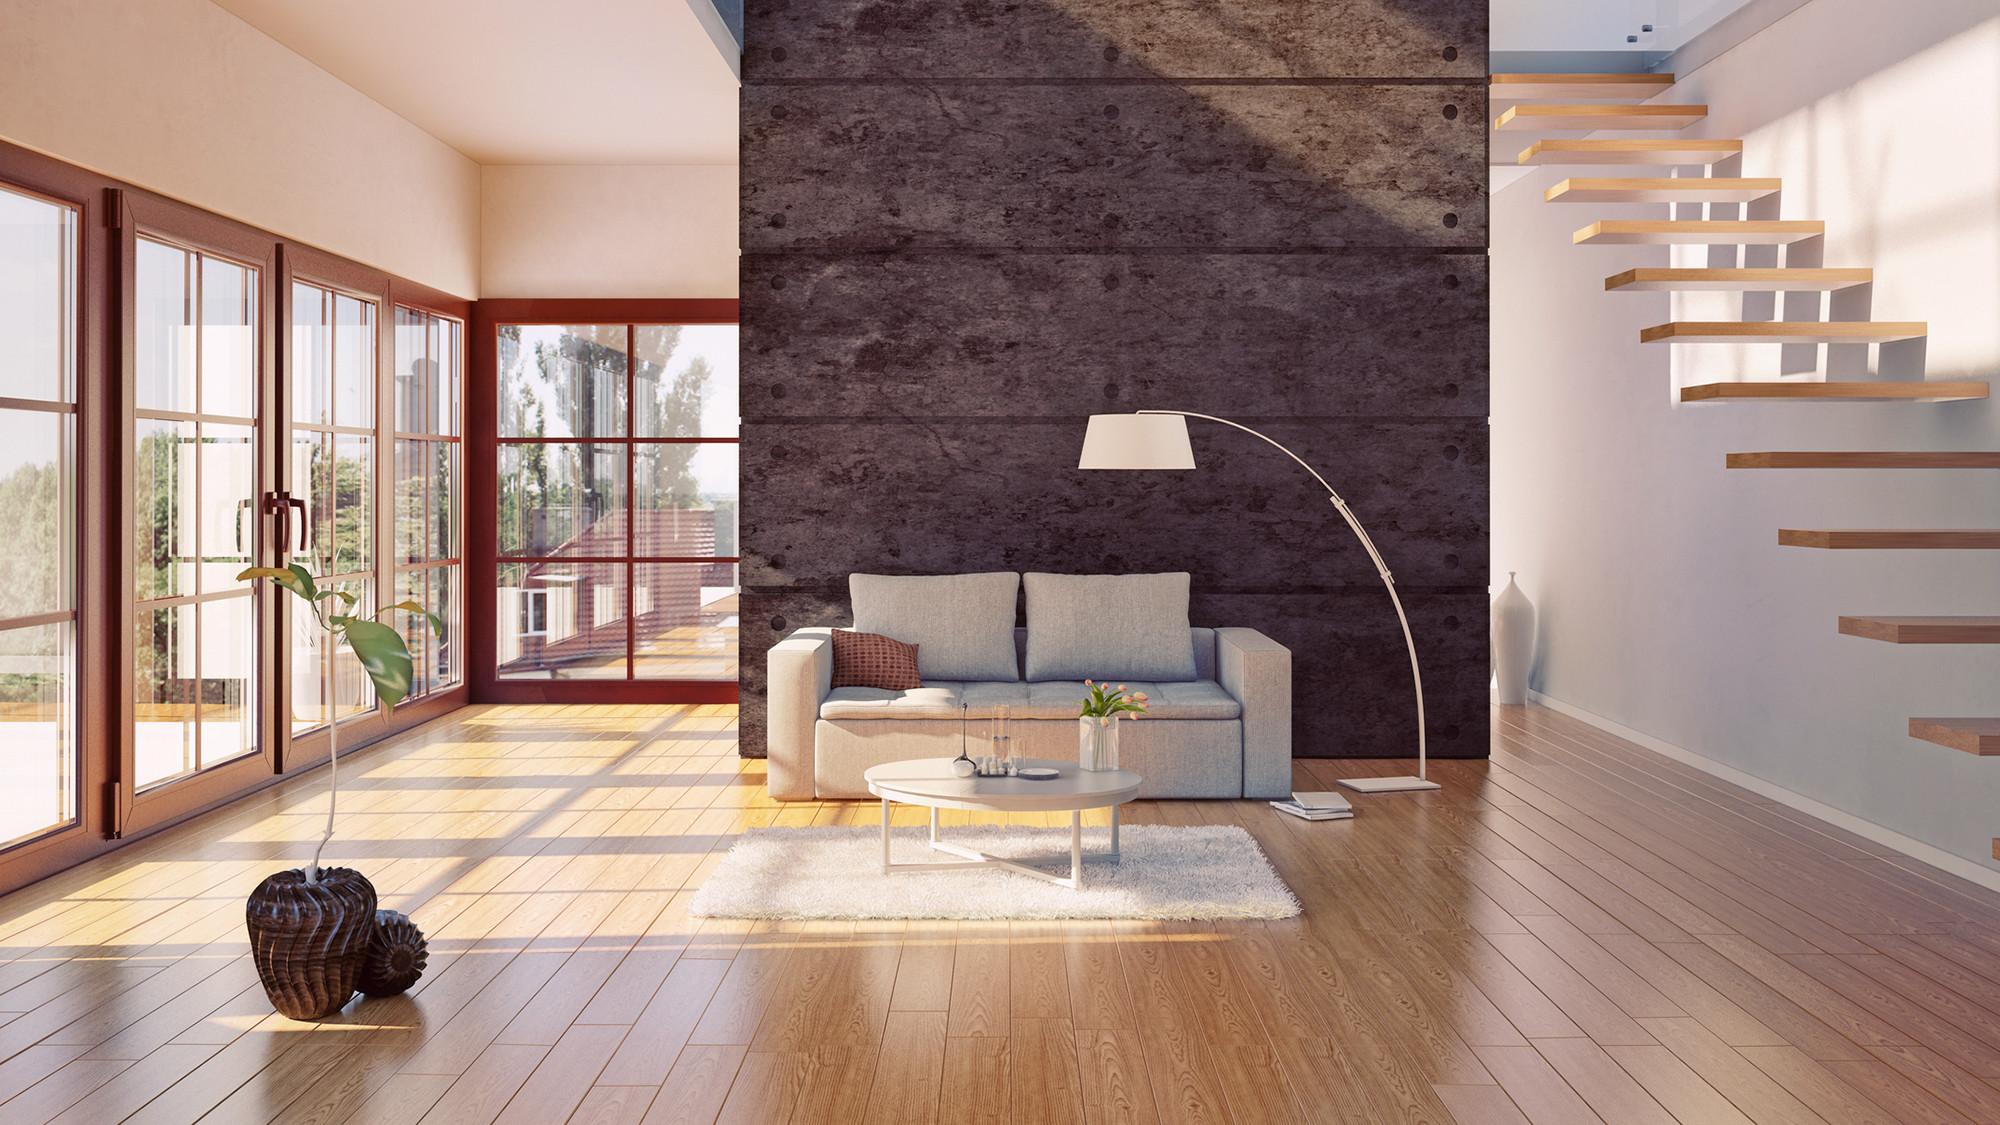 old hardwood floors under carpet of do hardwood floors provide the best return on investment realtor coma throughout hardwood floors investment